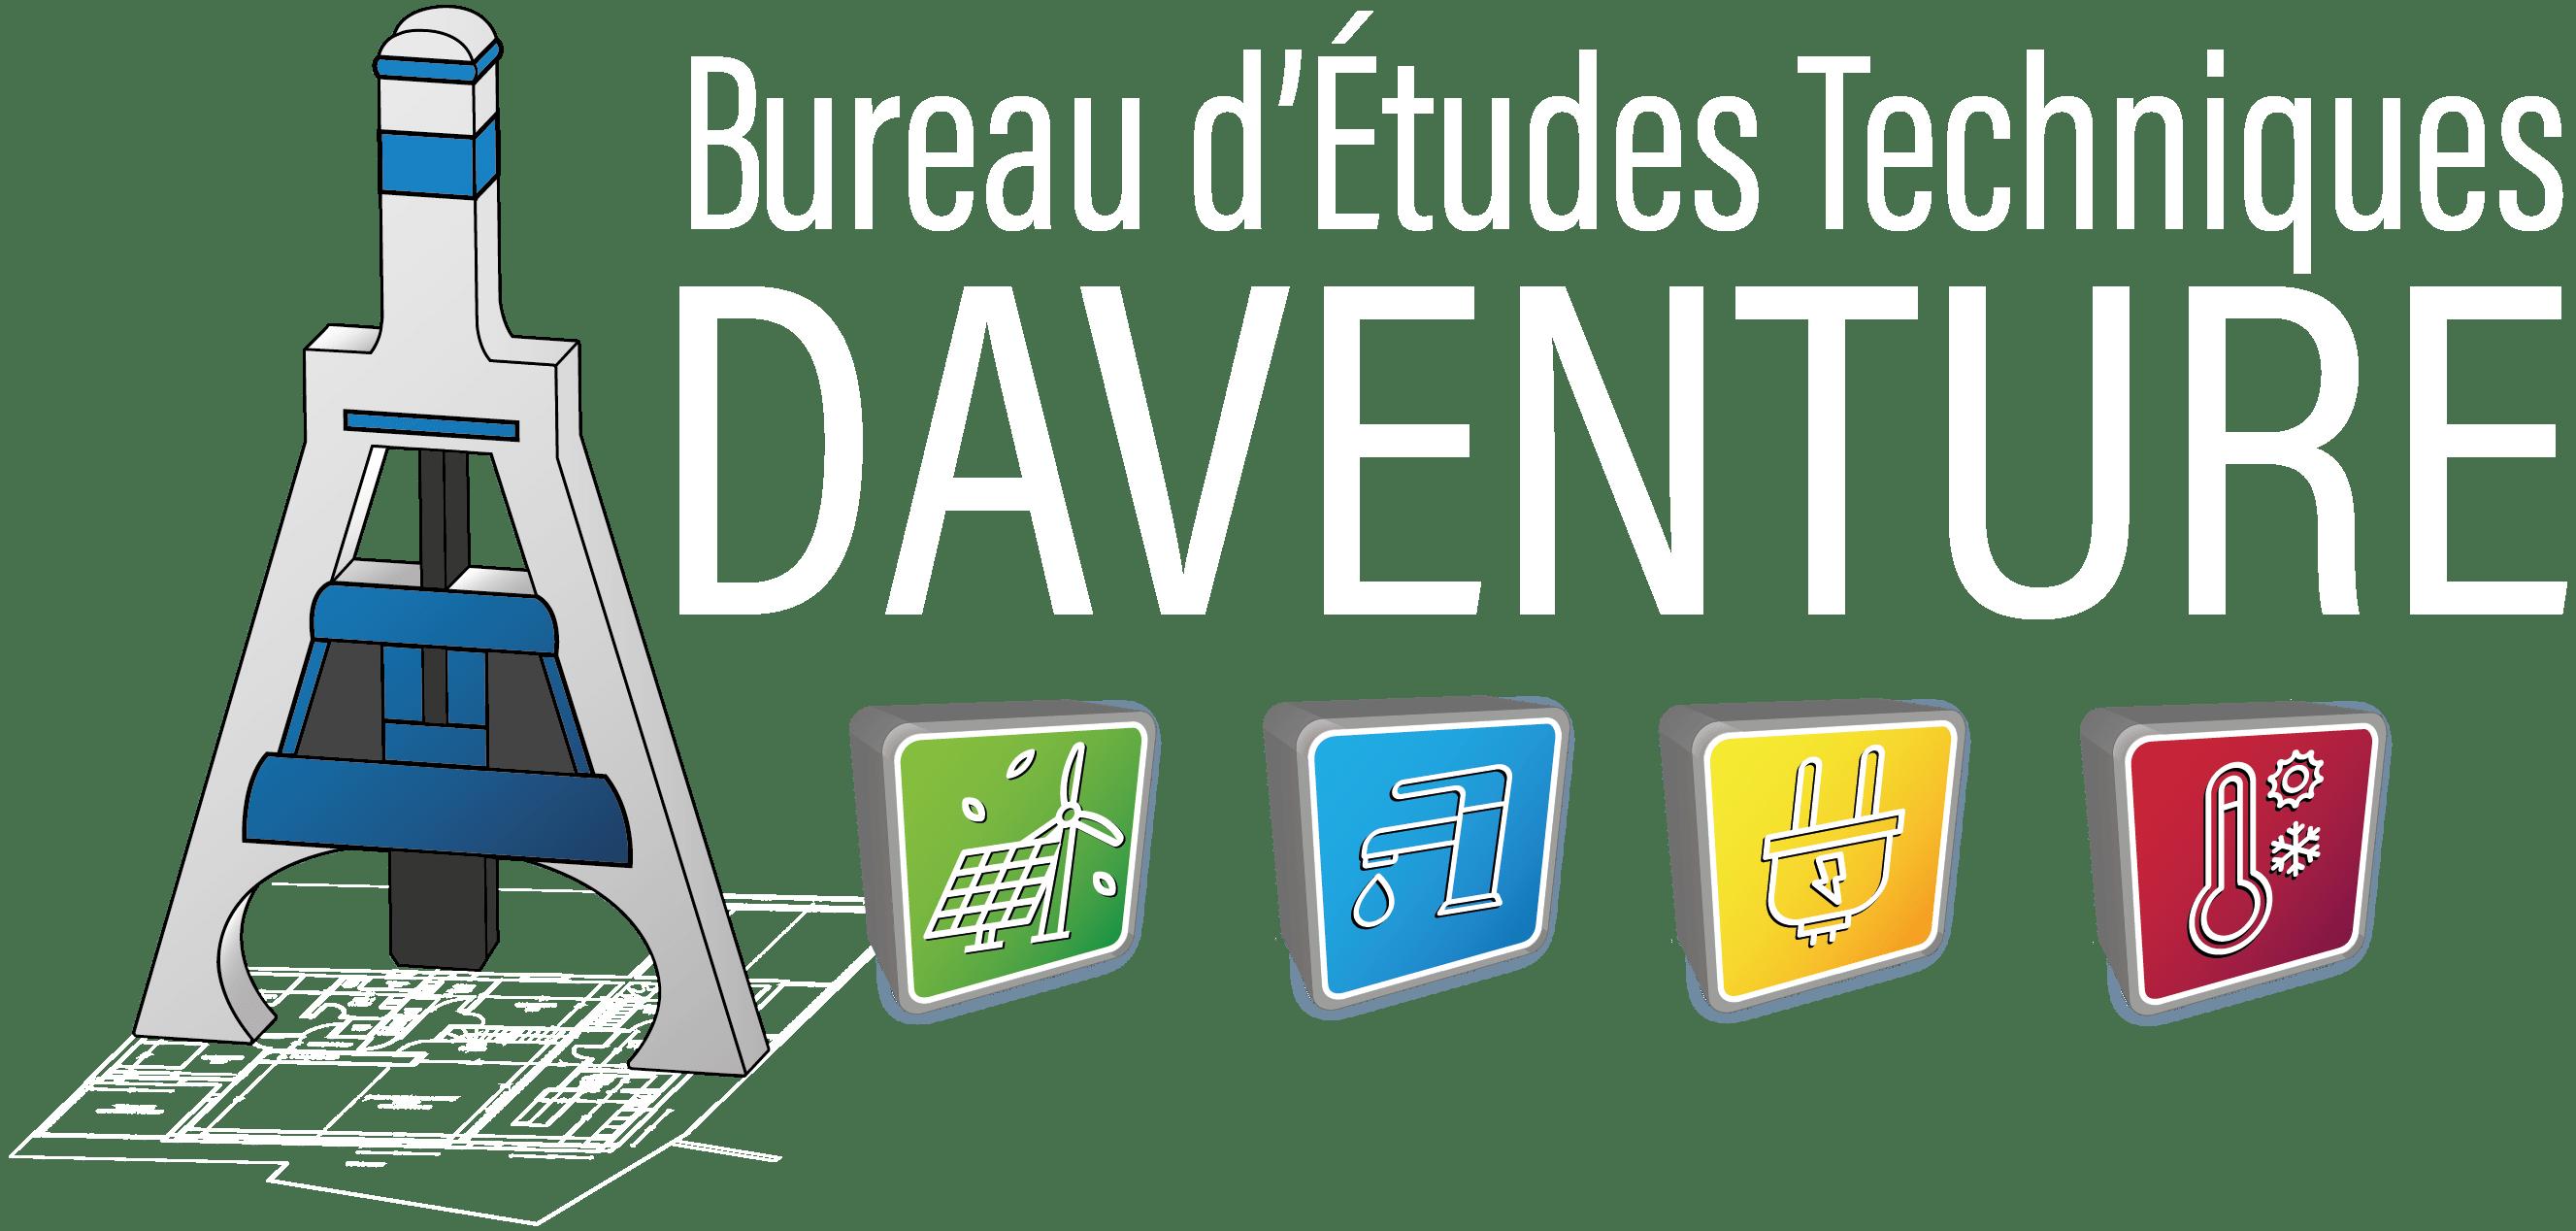 Bureau d'Etudes Techniques DAVENTURE